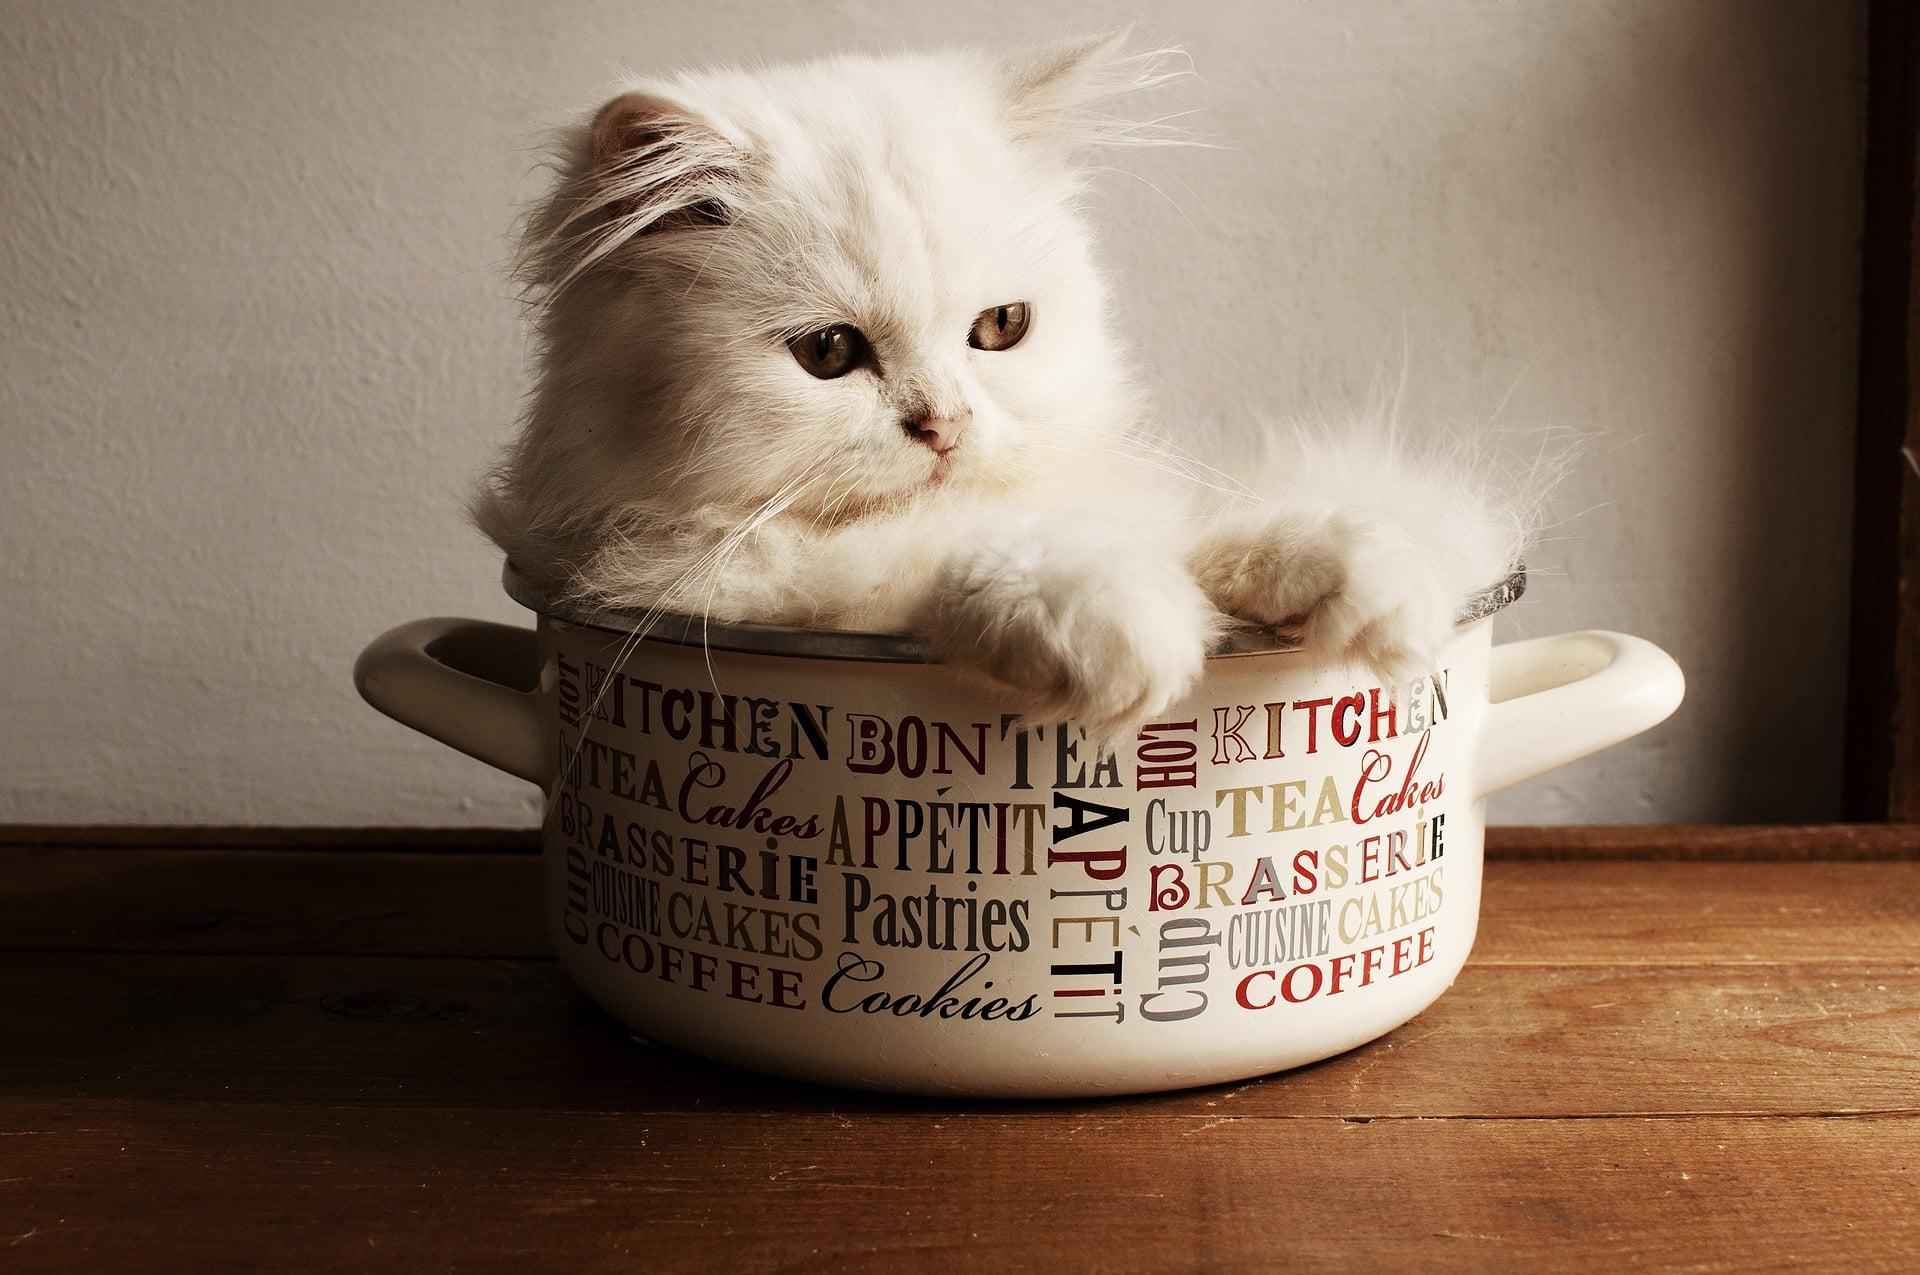 Cómo mantener a los gatos alejados de las encimeras